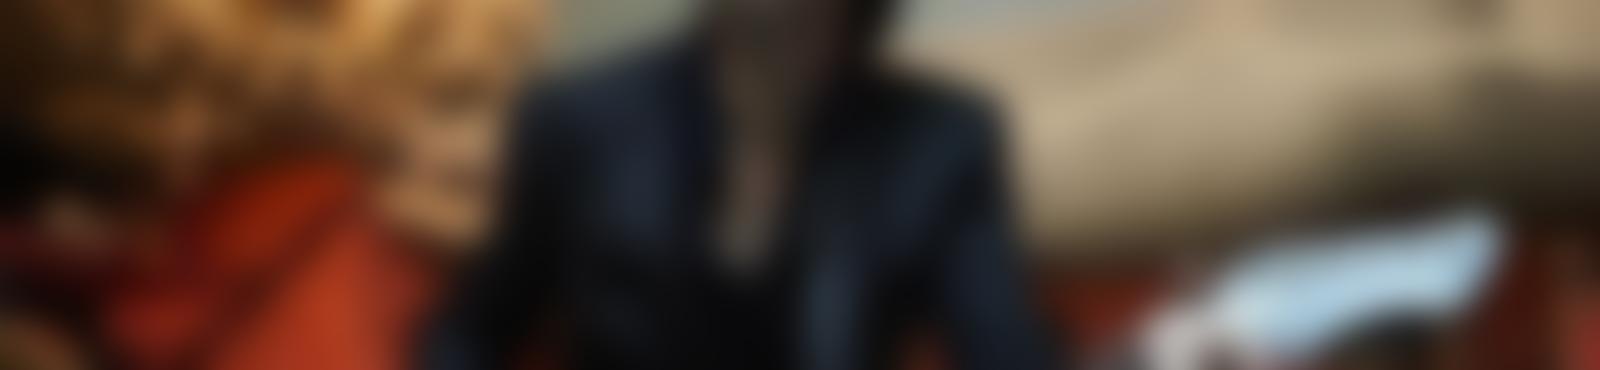 Blurred e21ac63c d393 4541 aded a890e92f3ece